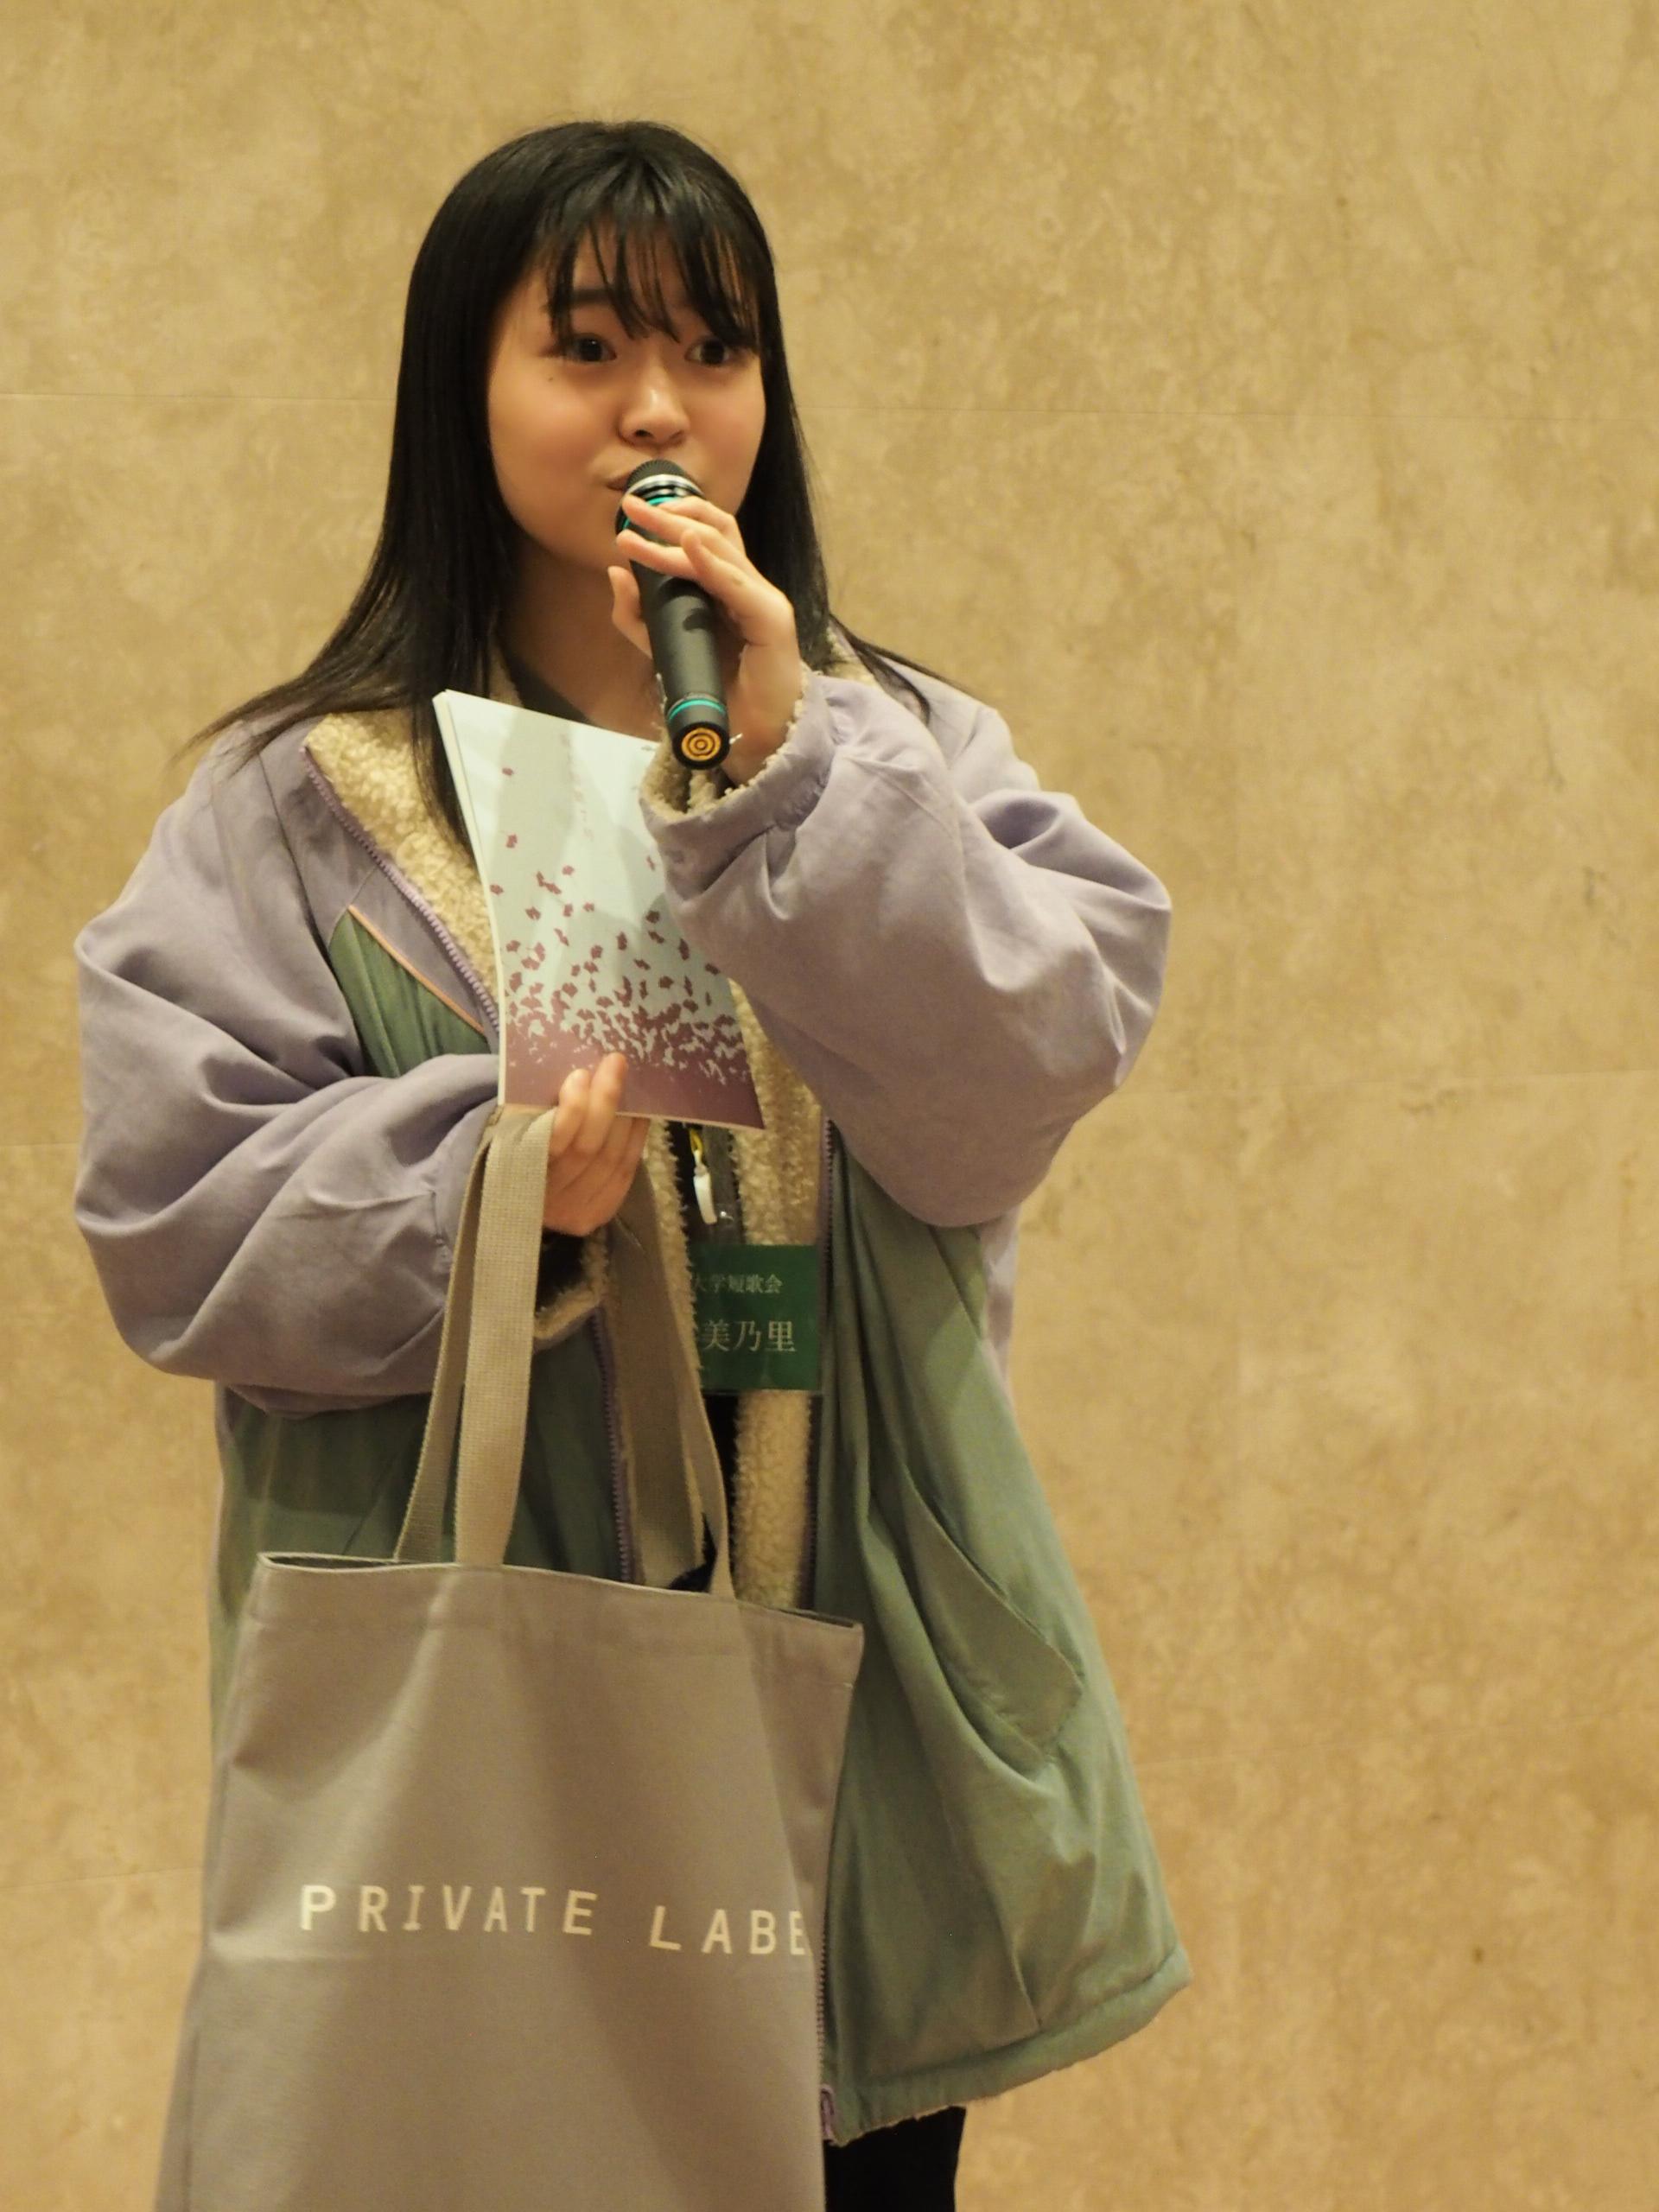 栗木京子賞を受賞した竹村美乃里さん(提供=角川『短歌』編集部)